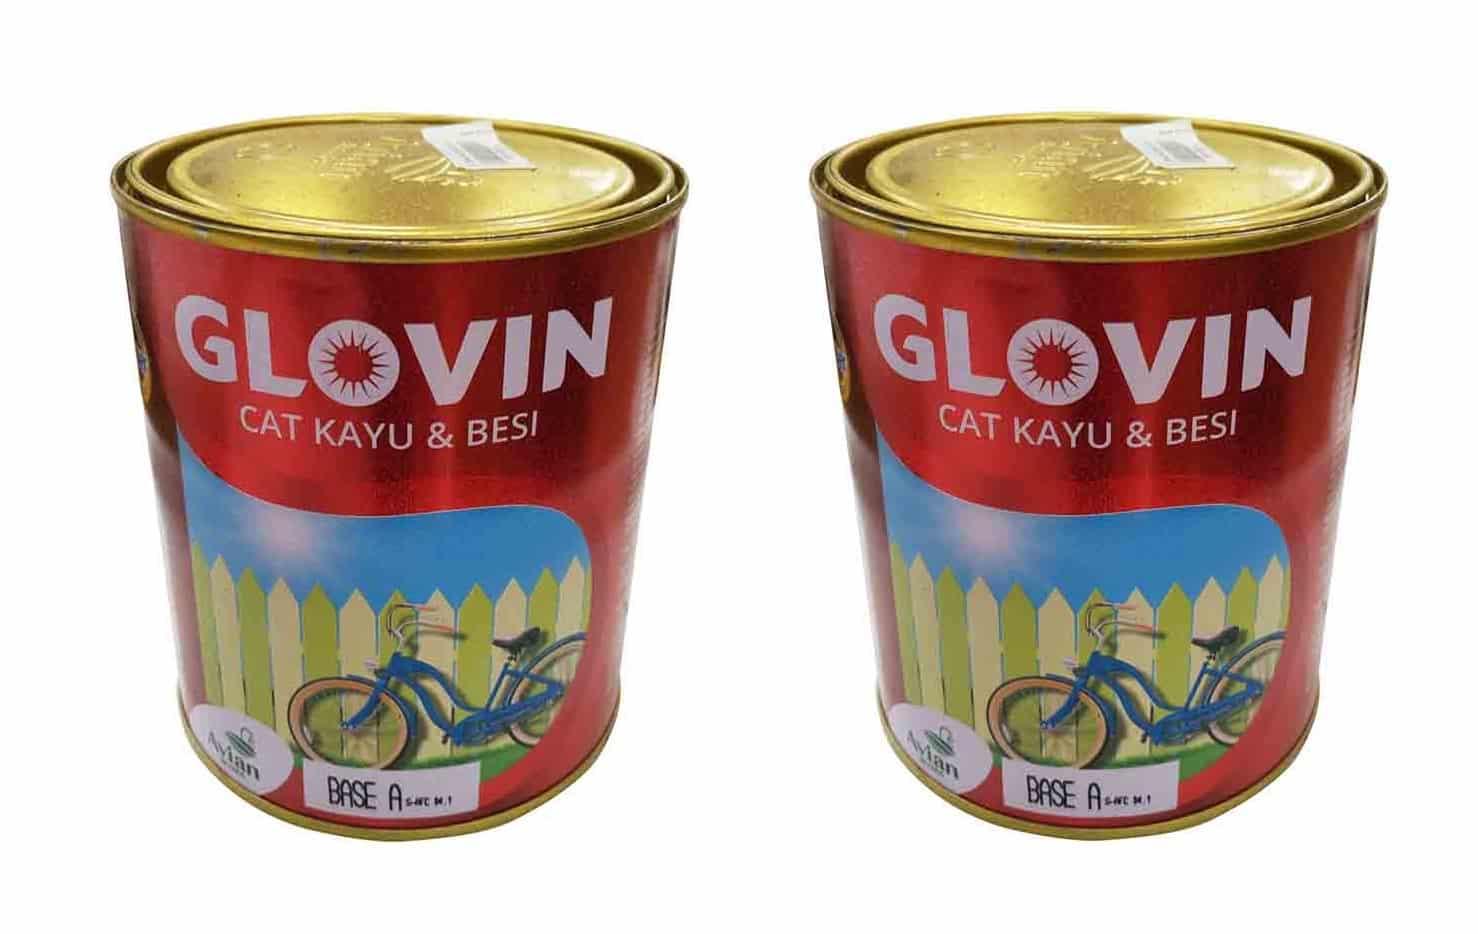 Cat-Kayu-Glovin